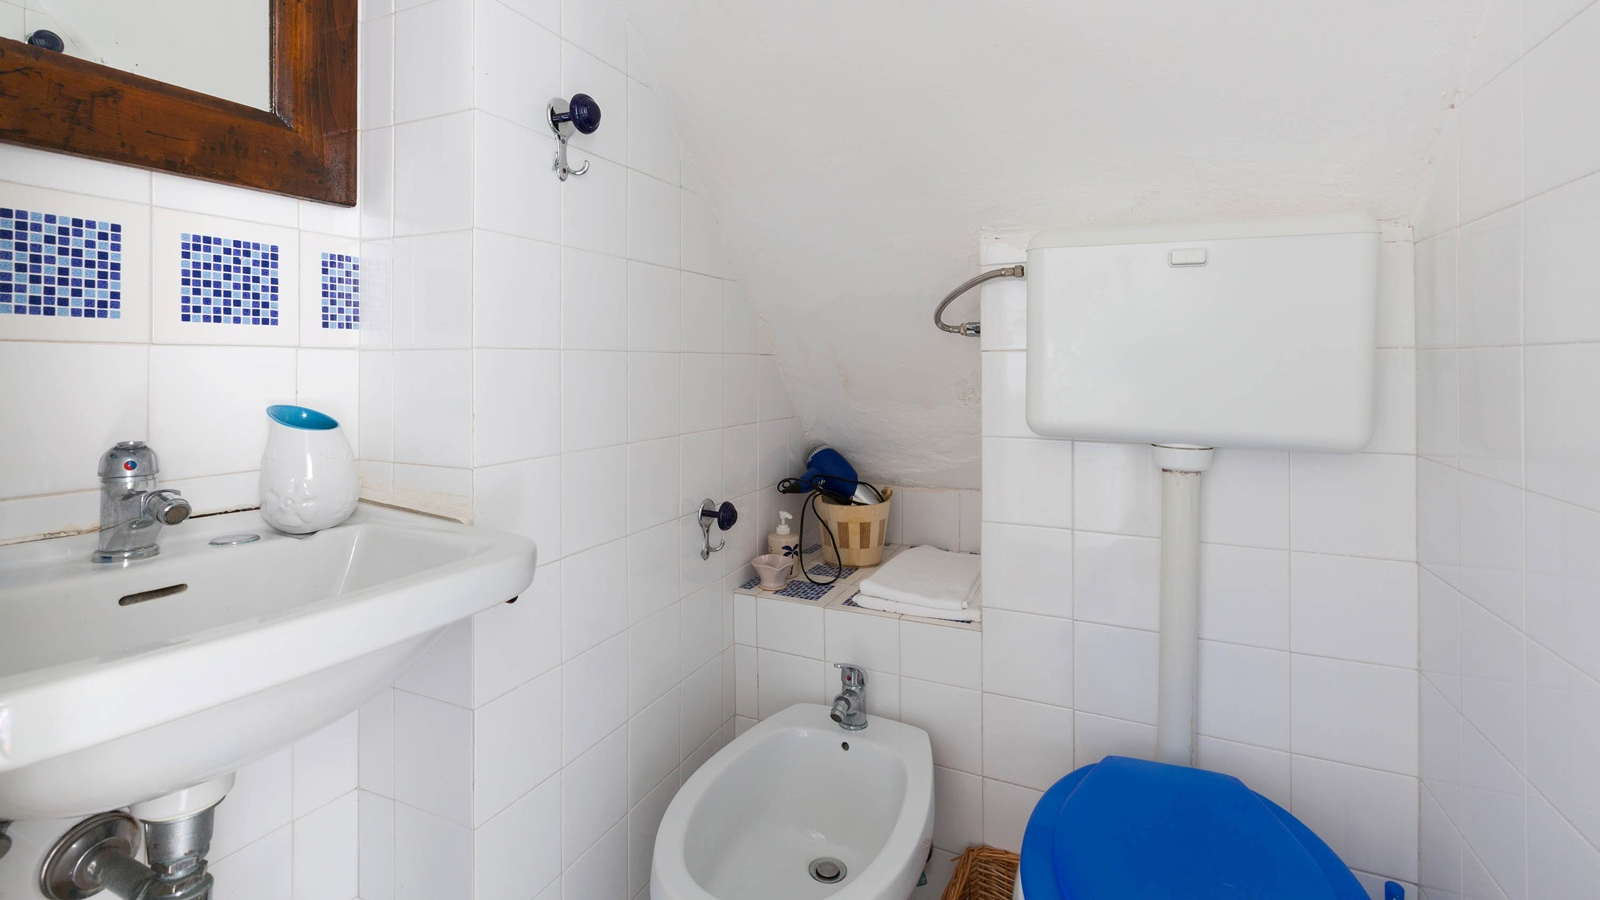 vacanze ostuni casa giovanna bagno